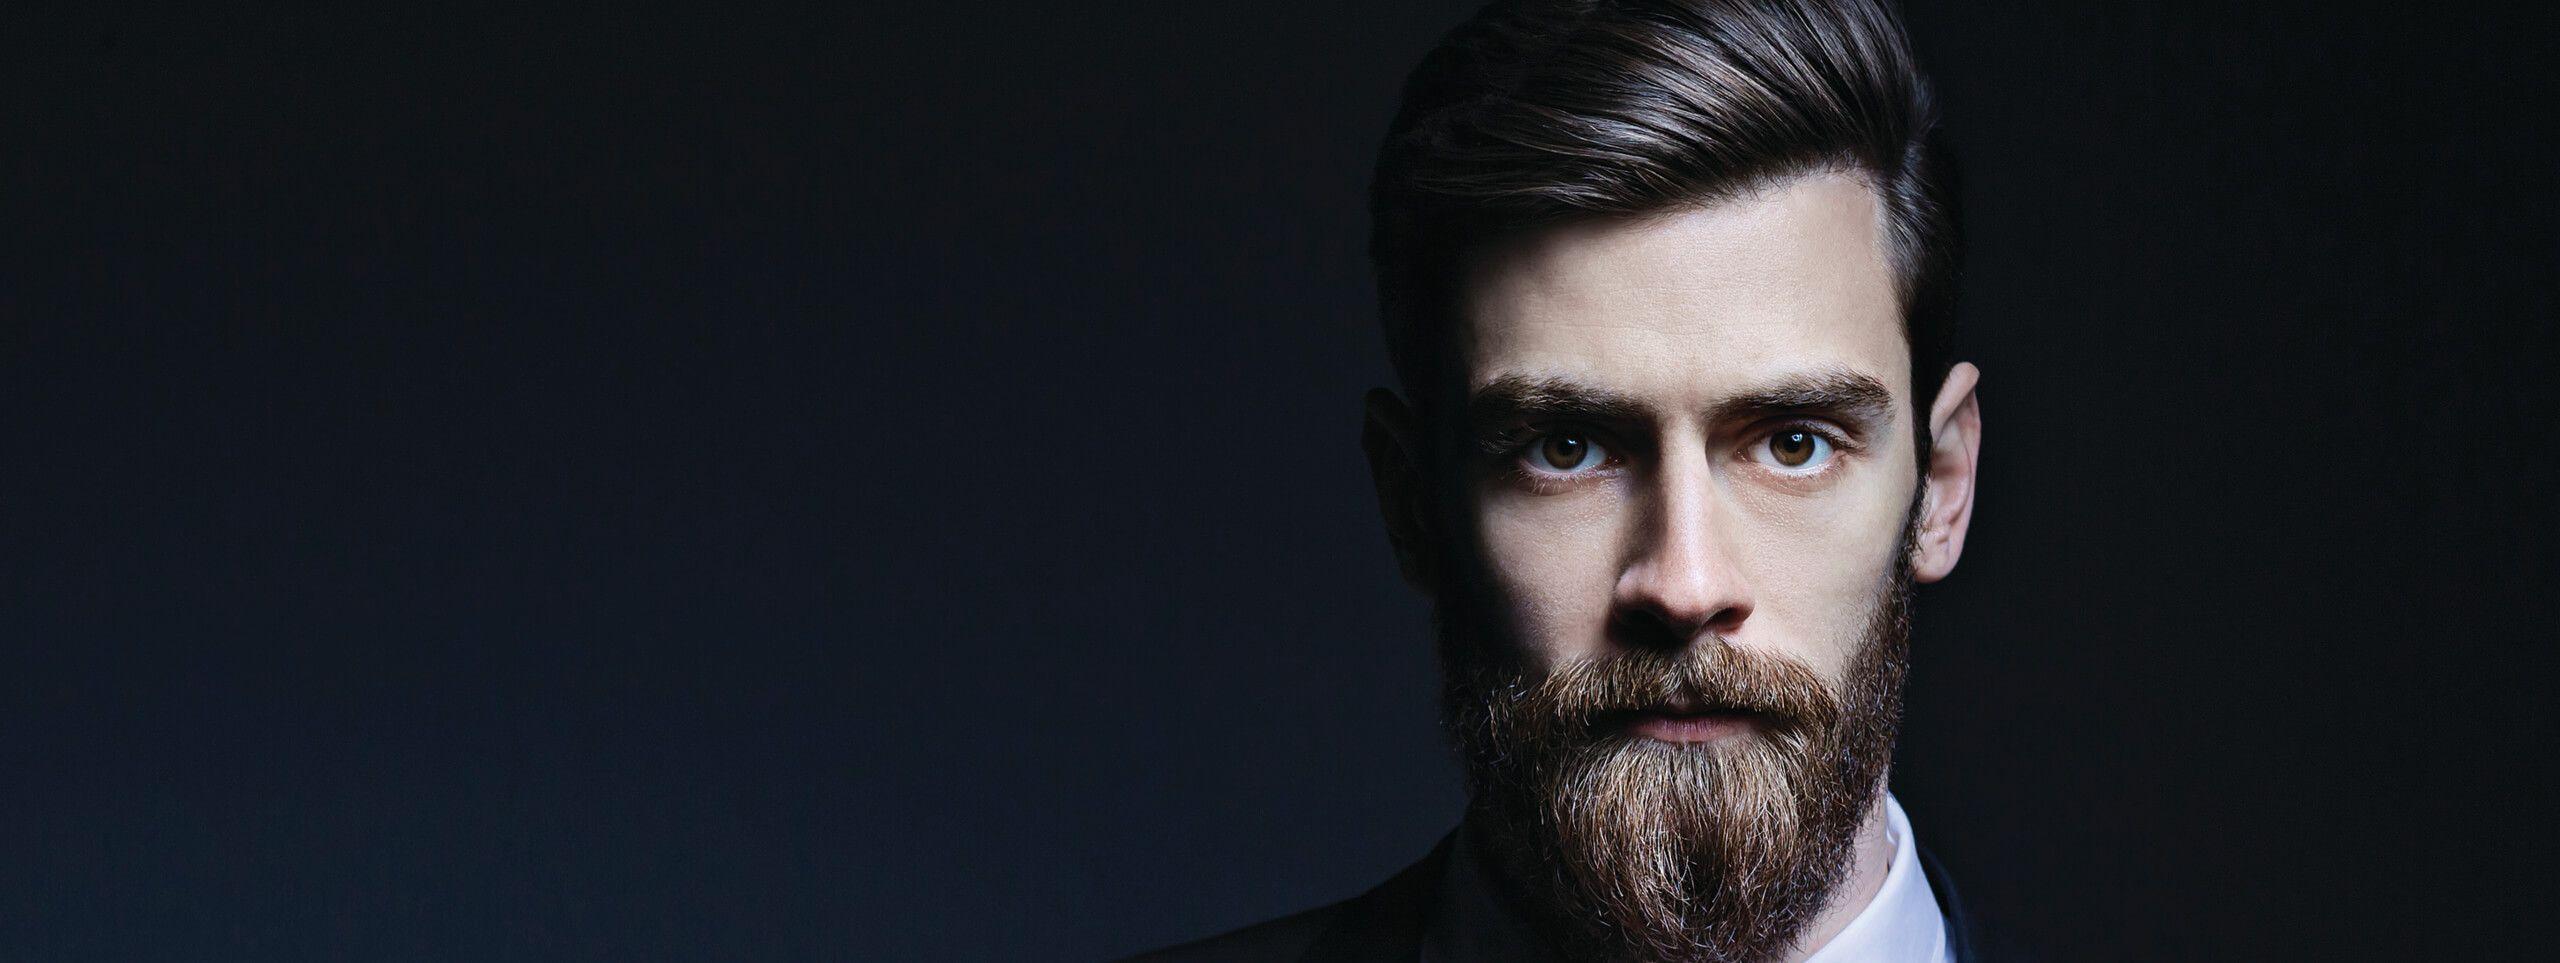 Barbe pailleté homme